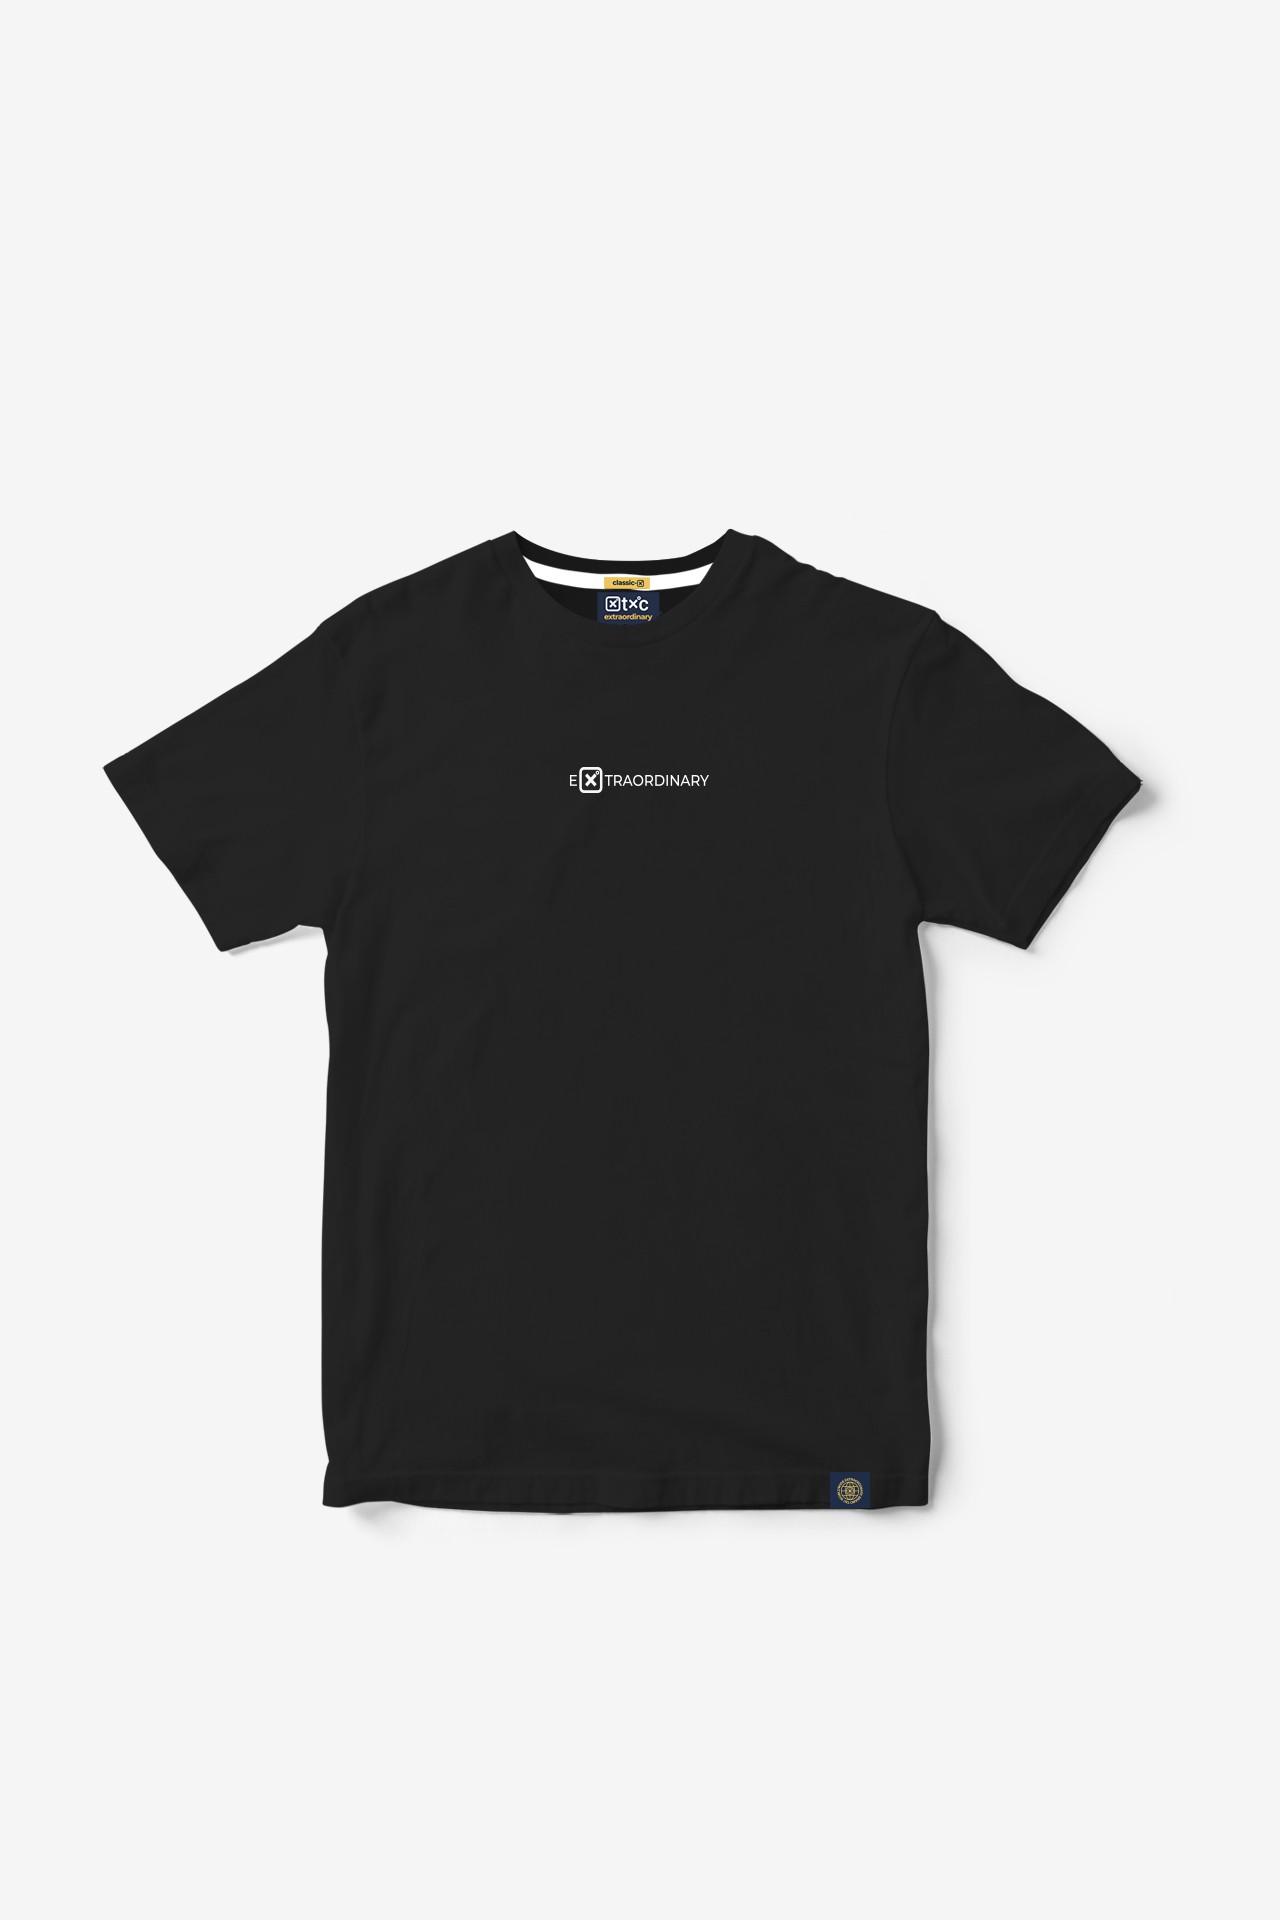 Camiseta TXC Brand 19043